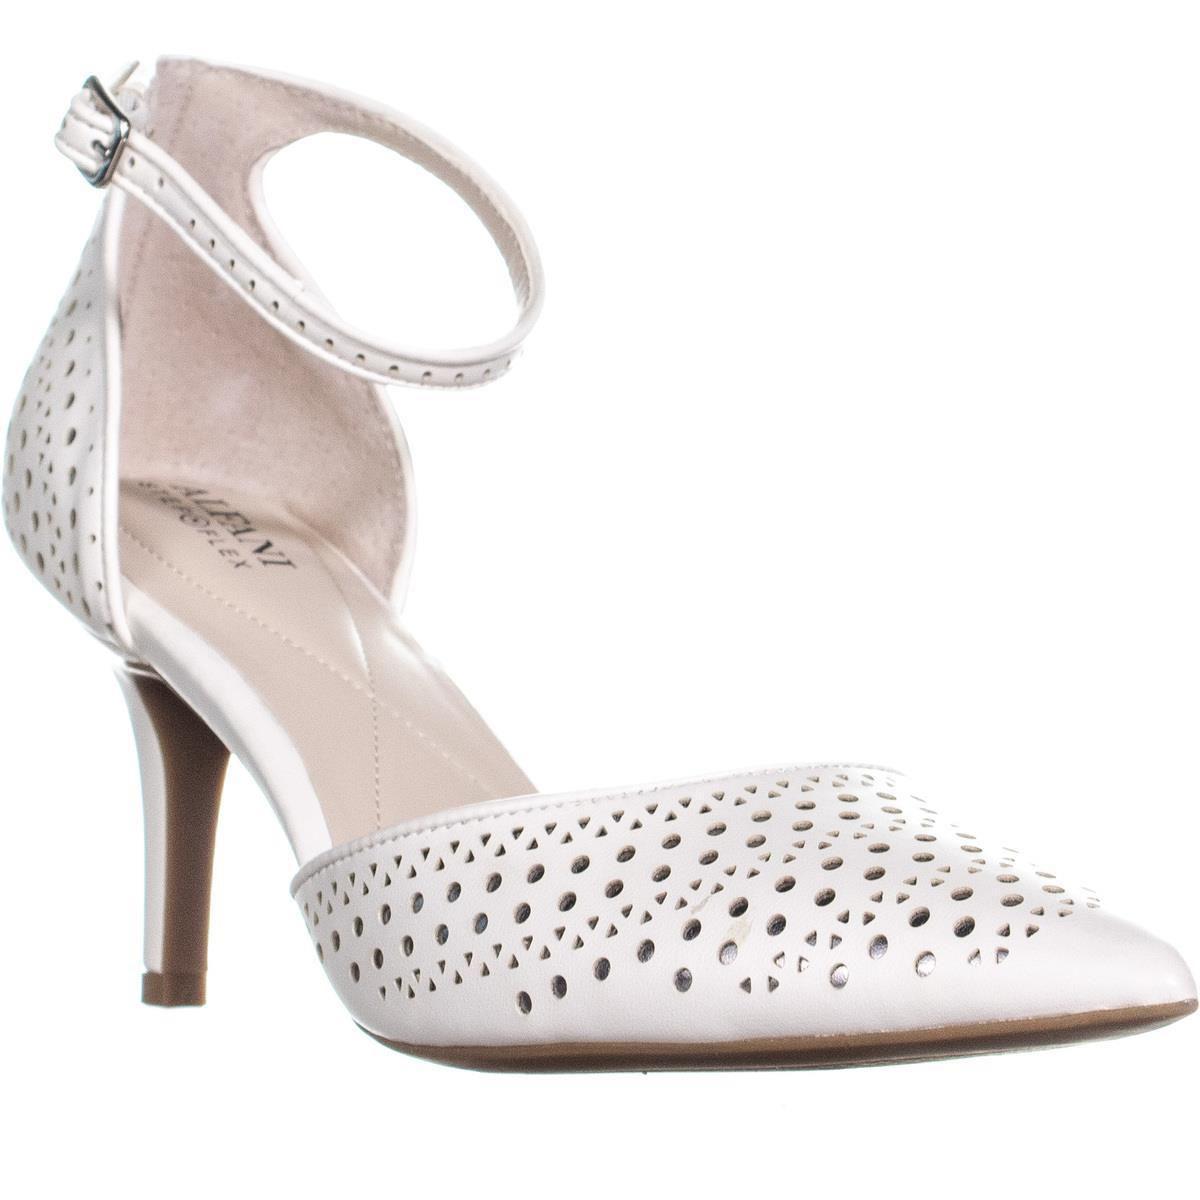 ad74490b0e75 Alfani. Women s A35 Joyy Ankle Strap Pumps ...